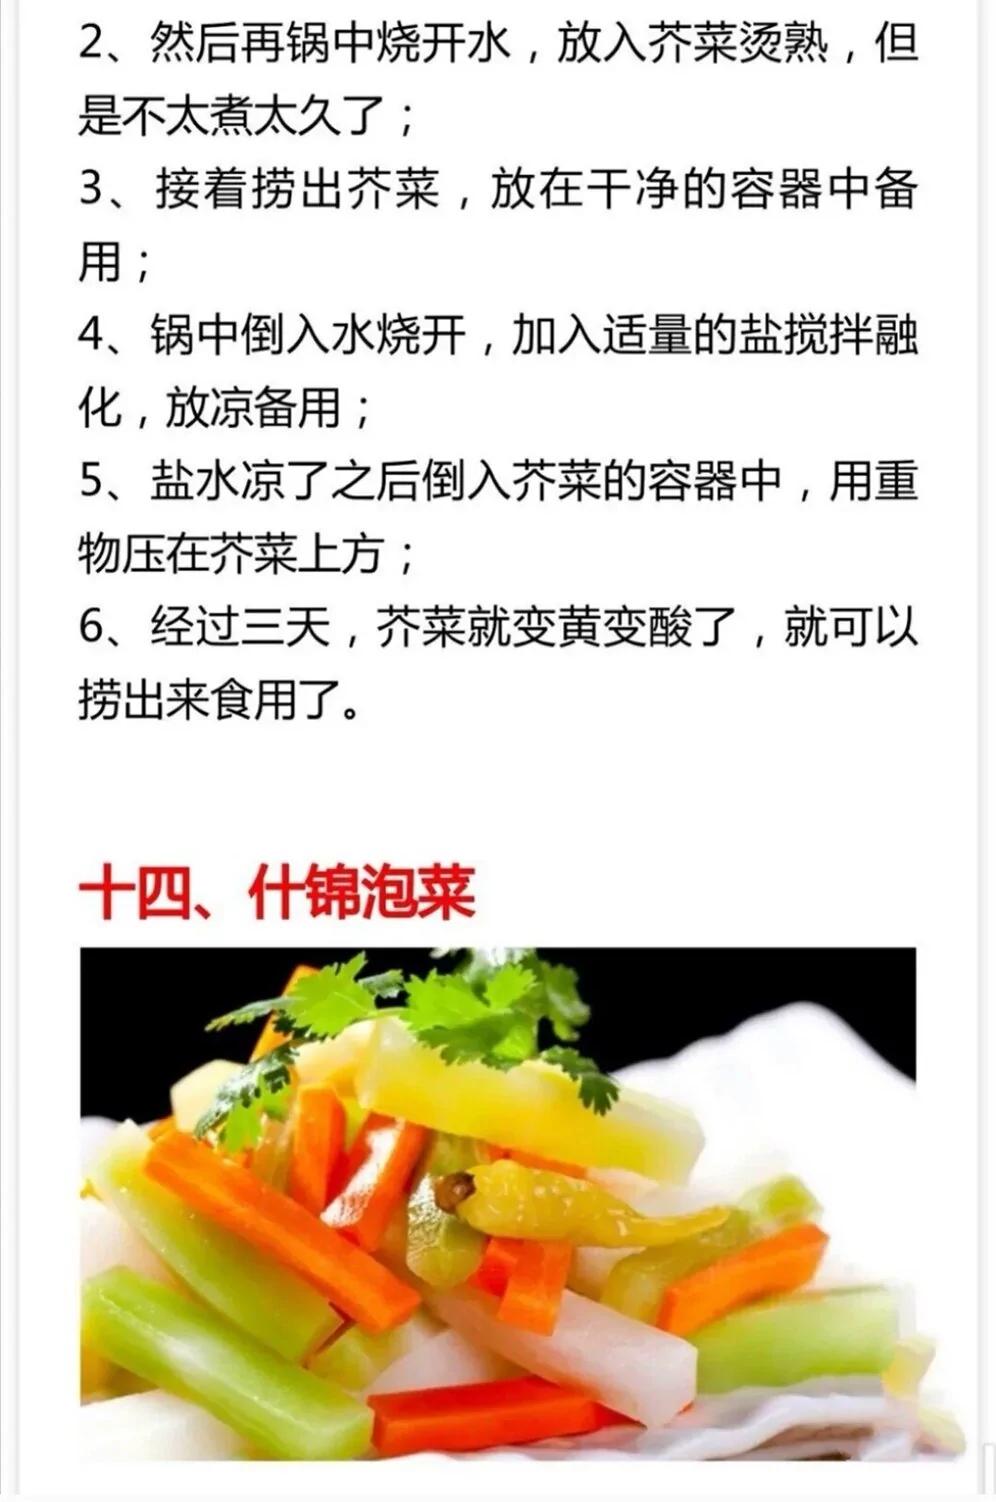 咸菜做法及配料 美食做法 第21张